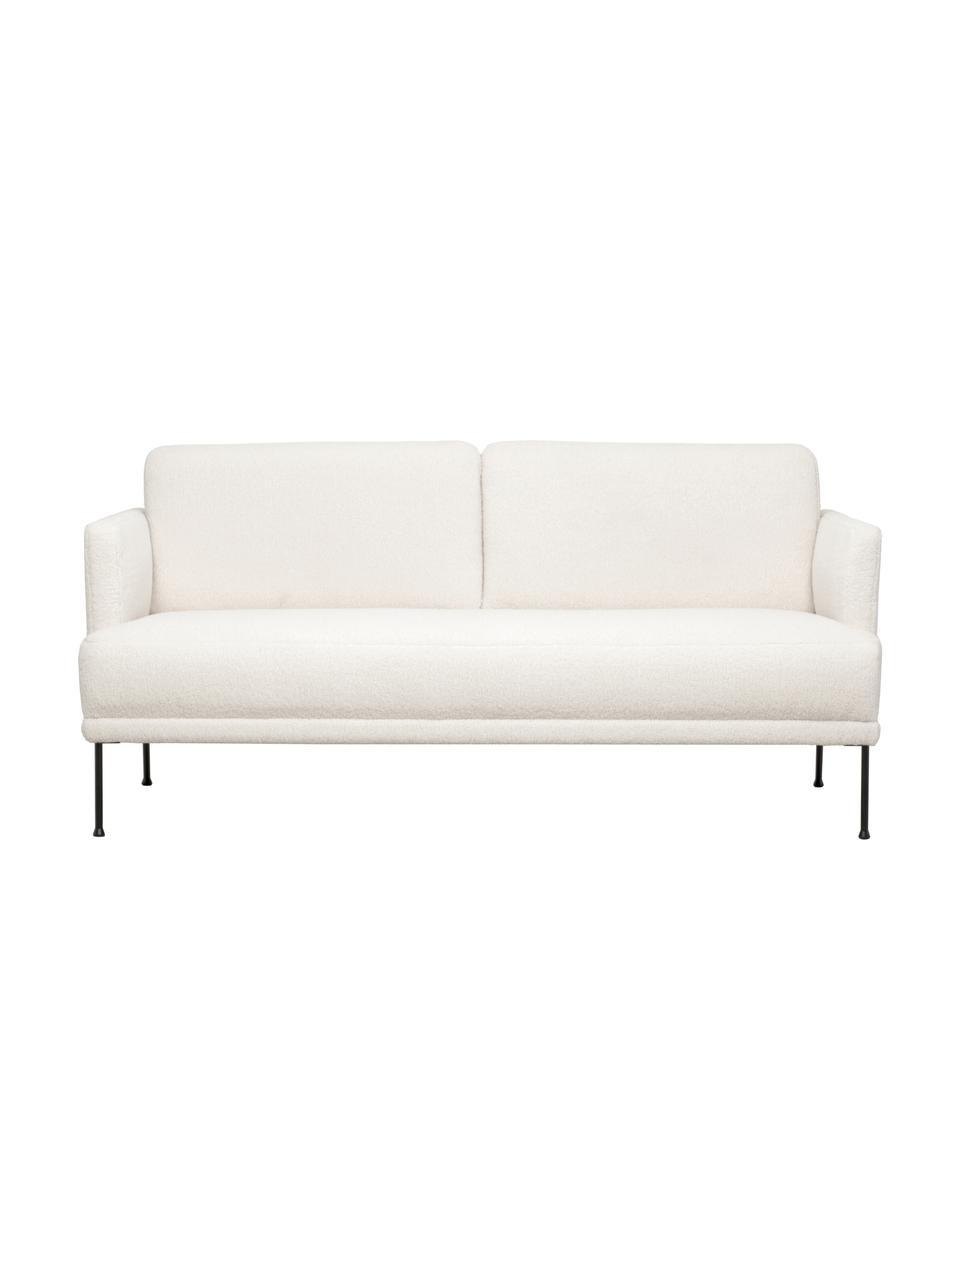 Teddy-Sofa Fluente (2-Sitzer) in Cremeweiß mit Metall-Füßen, Bezug: 100% Polyester (Teddyfell, Gestell: Massives Kiefernholz, Füße: Metall, pulverbeschichtet, Teddy Cremeweiß, B 166 x T 85 cm